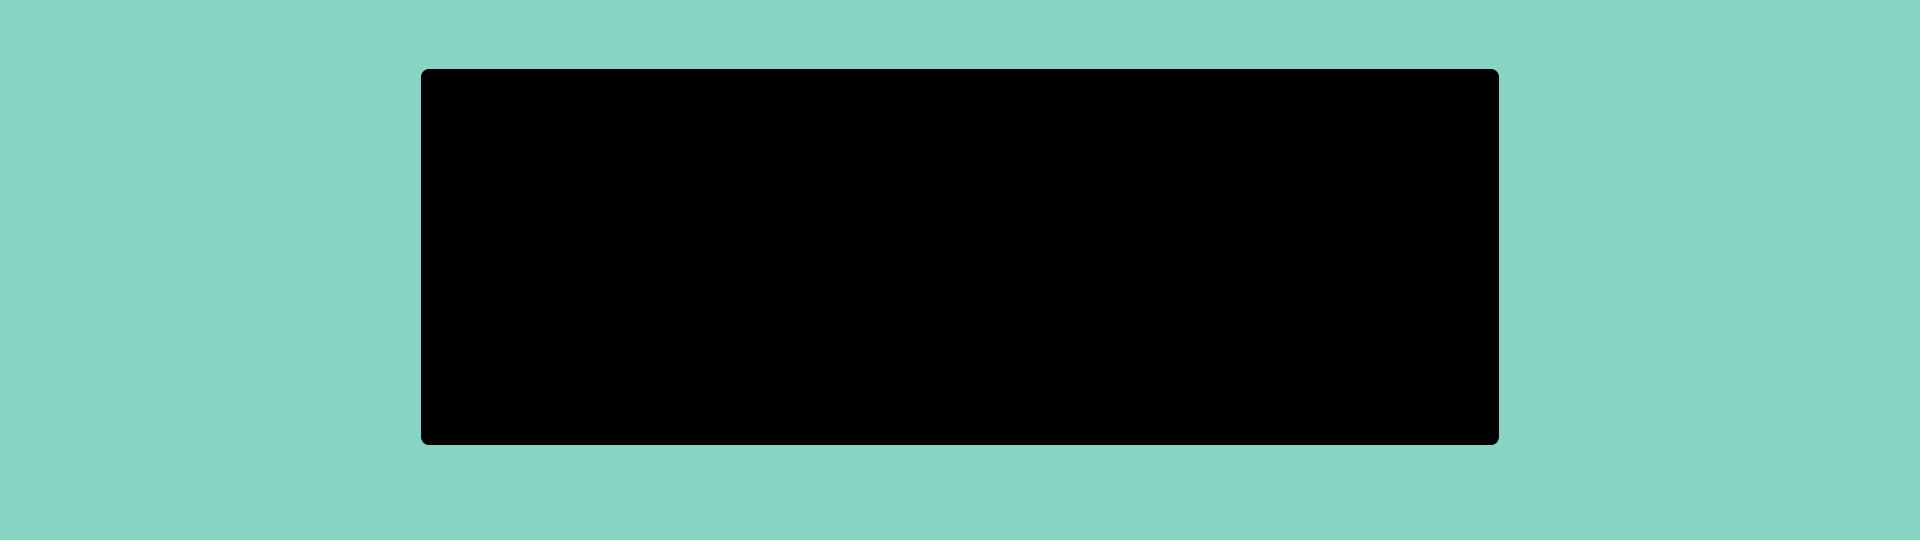 CATEGORY-ALTIN-BILEZIKLERDEALTINLARDA6INDIRIM-17-02